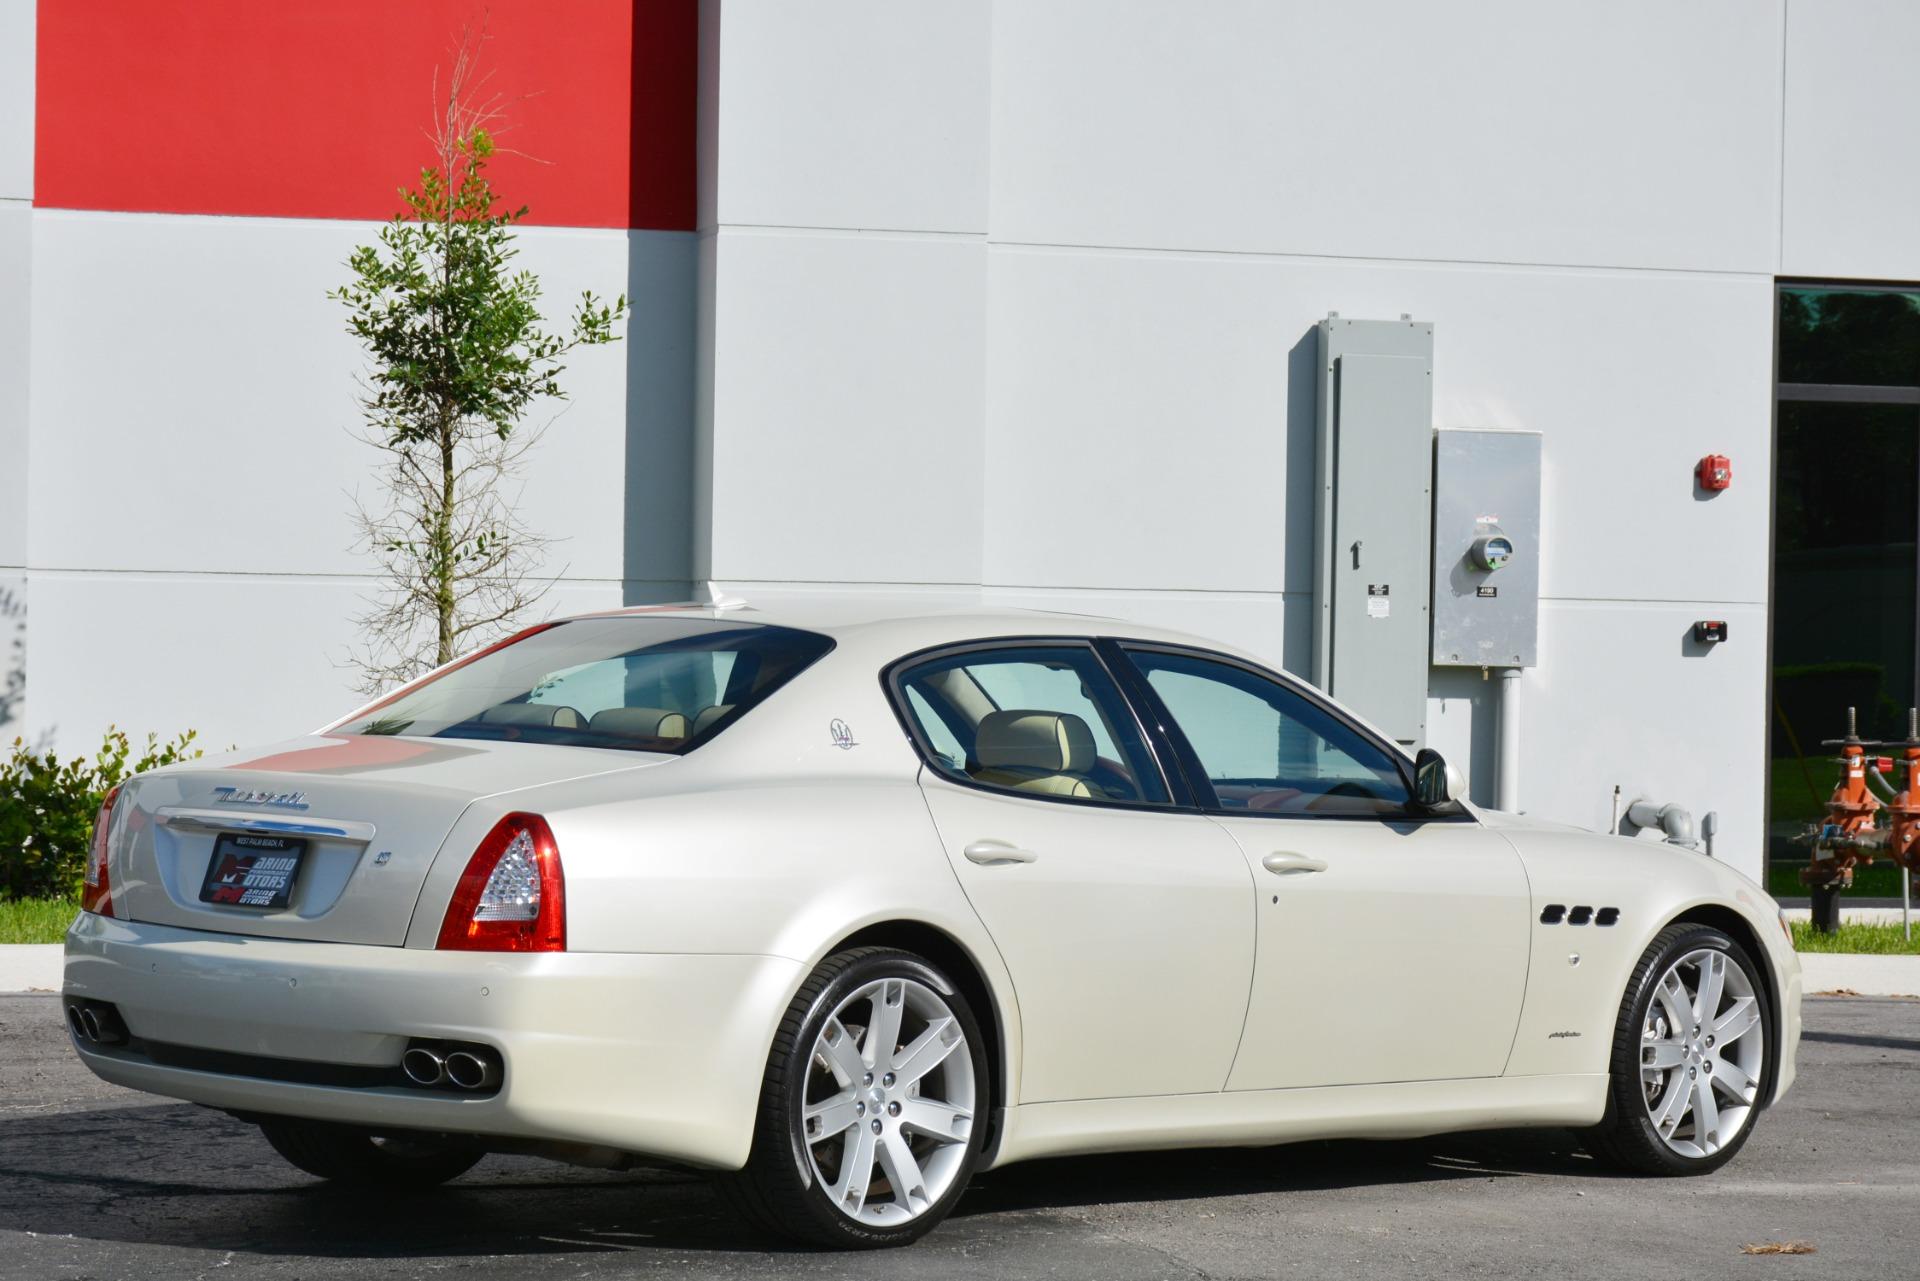 Used 2011 Maserati Quattroporte S S For Sale ($39,900 ...